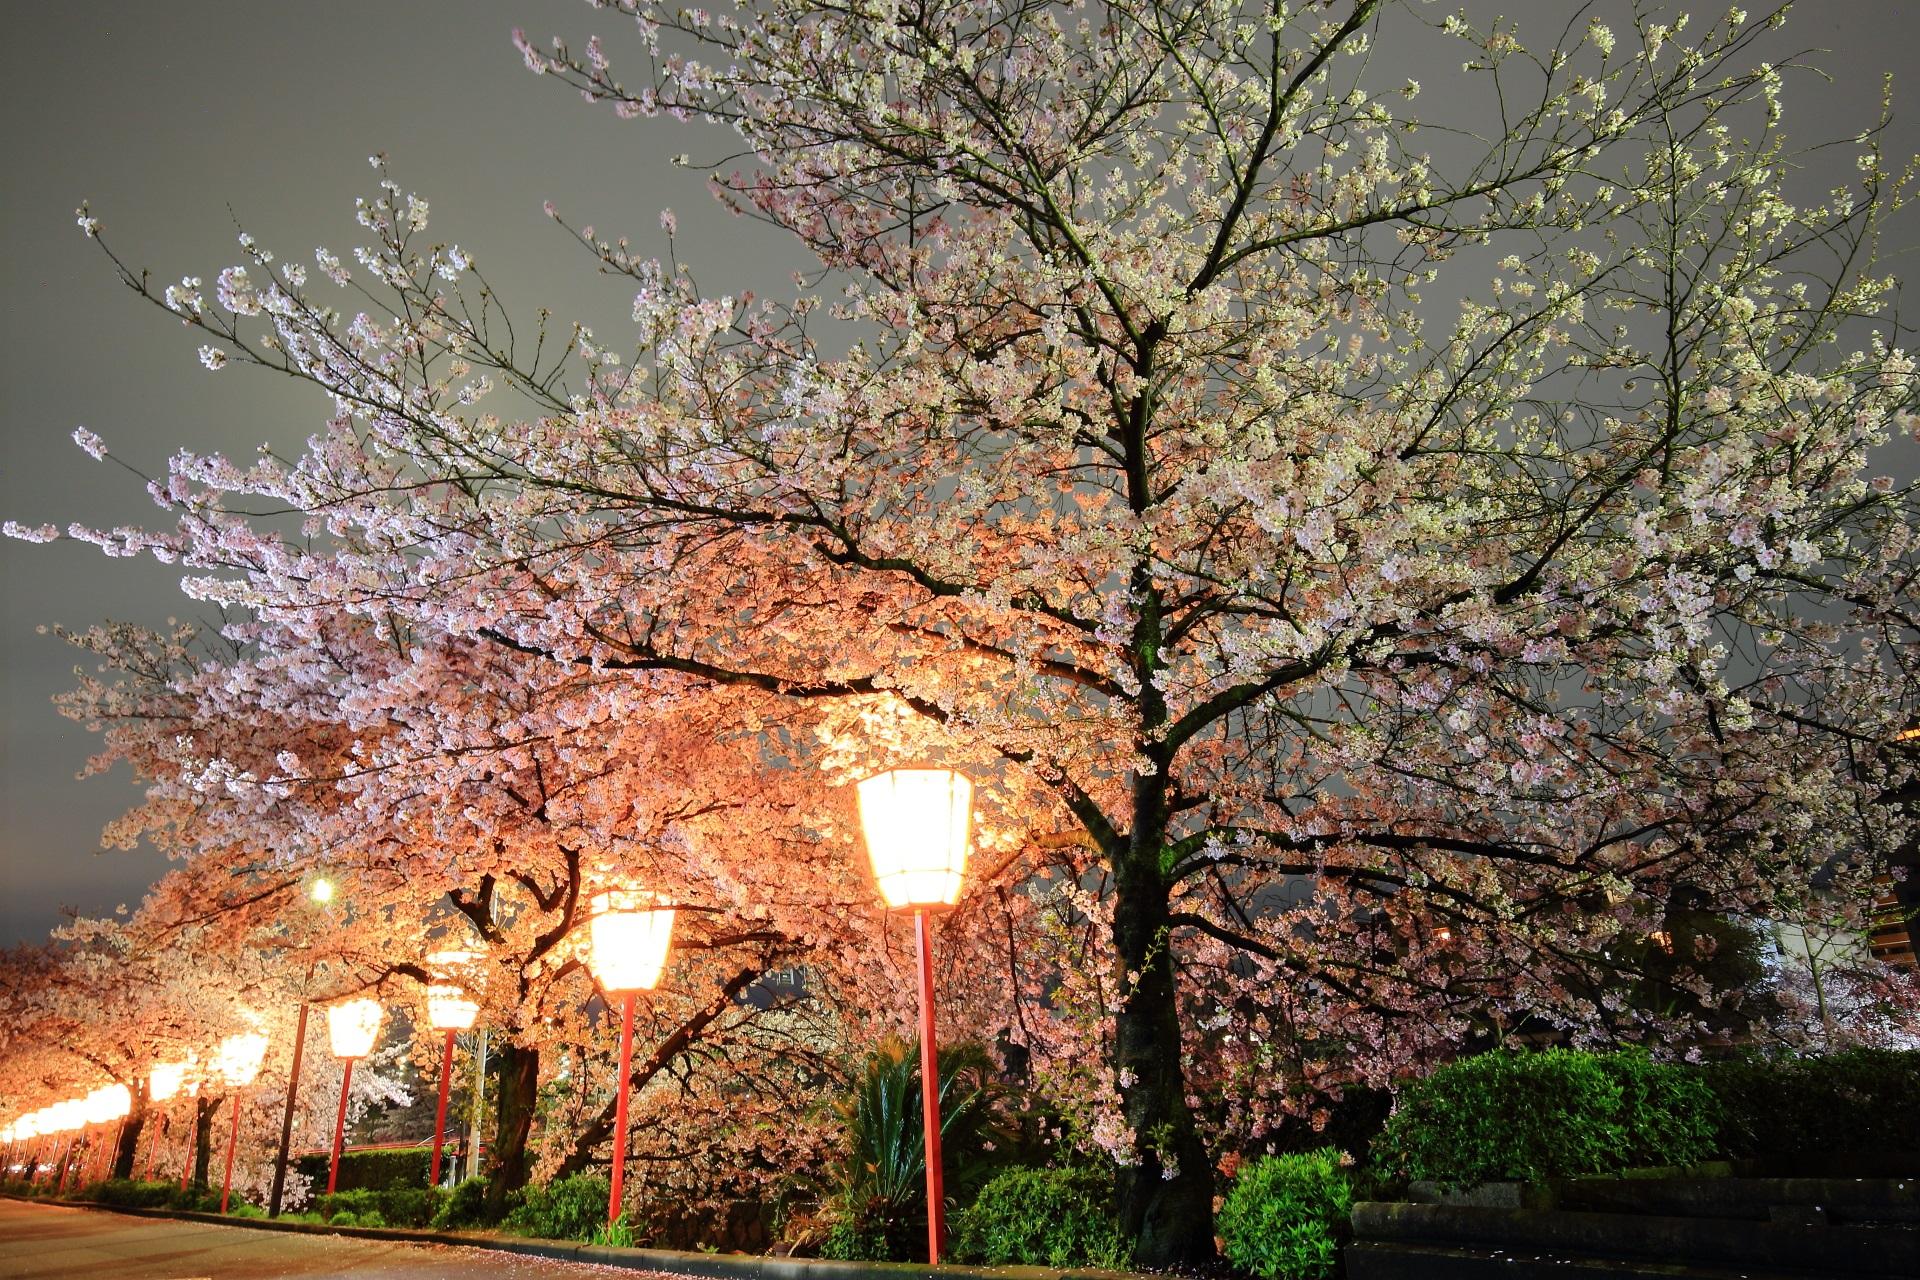 雪洞(ぼんぼり)に照らされる幻想的で華やかな雰囲気の夜桜